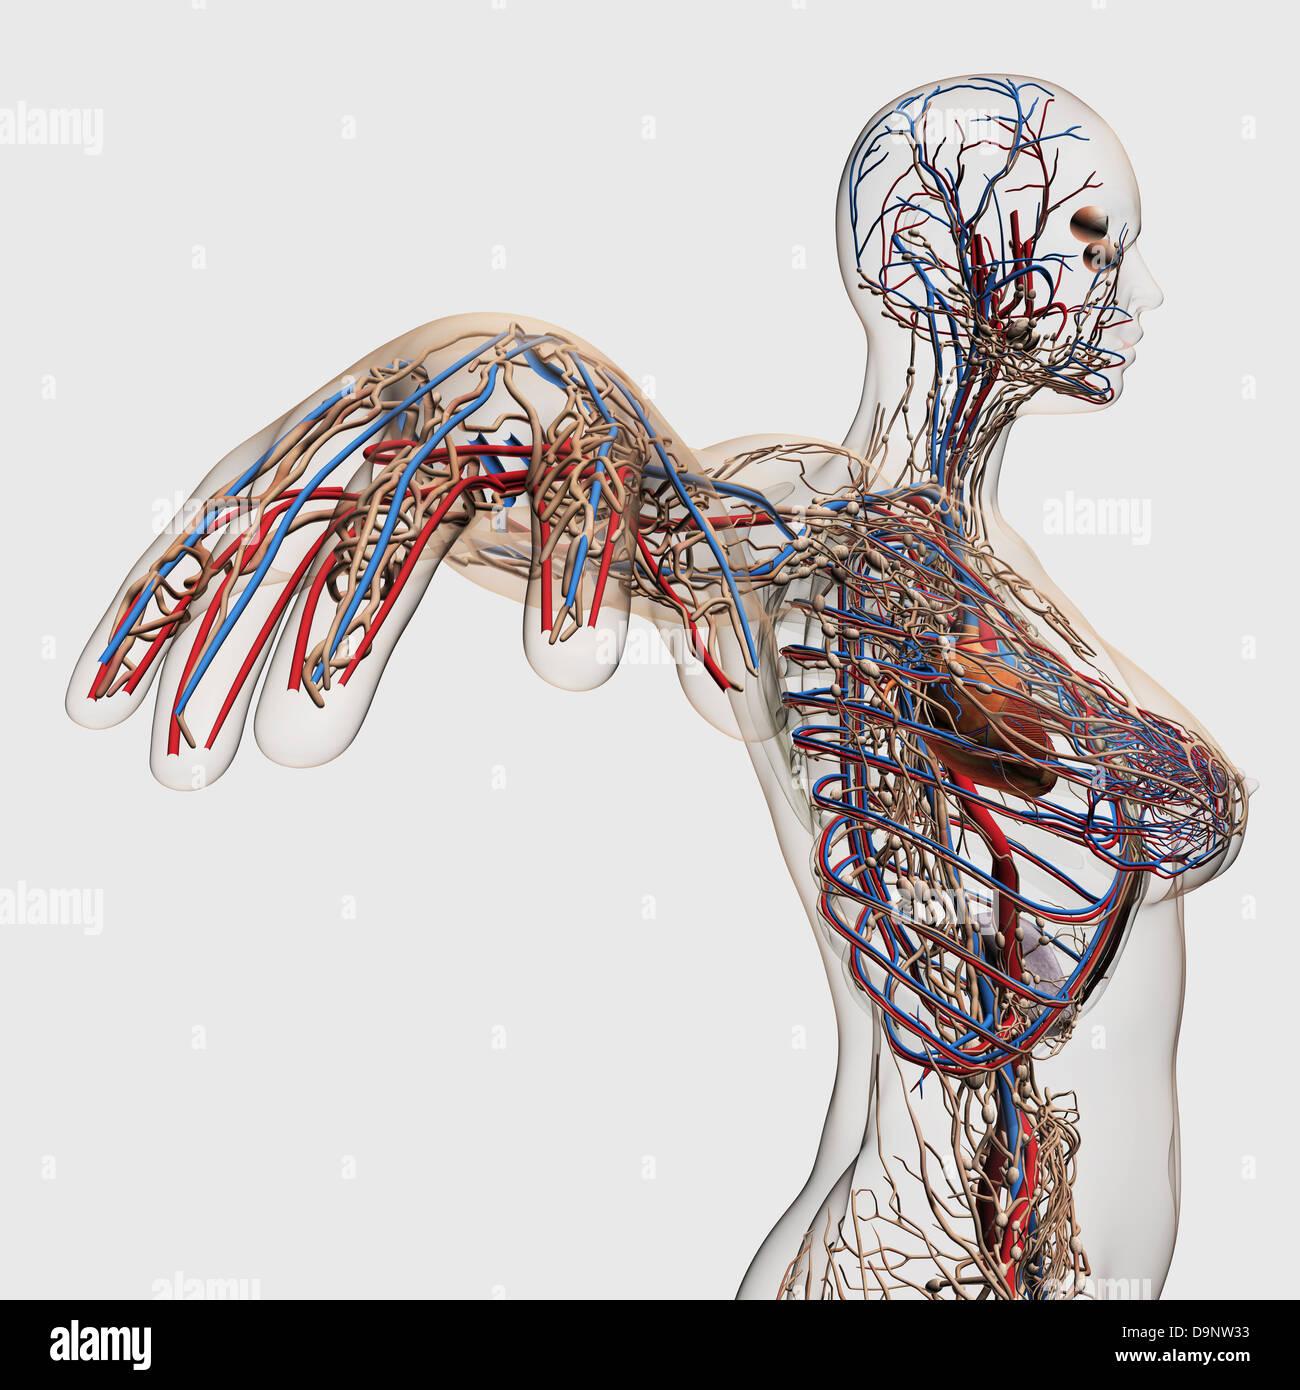 Tolle Arterie Und Vene Bilder - Menschliche Anatomie Bilder ...